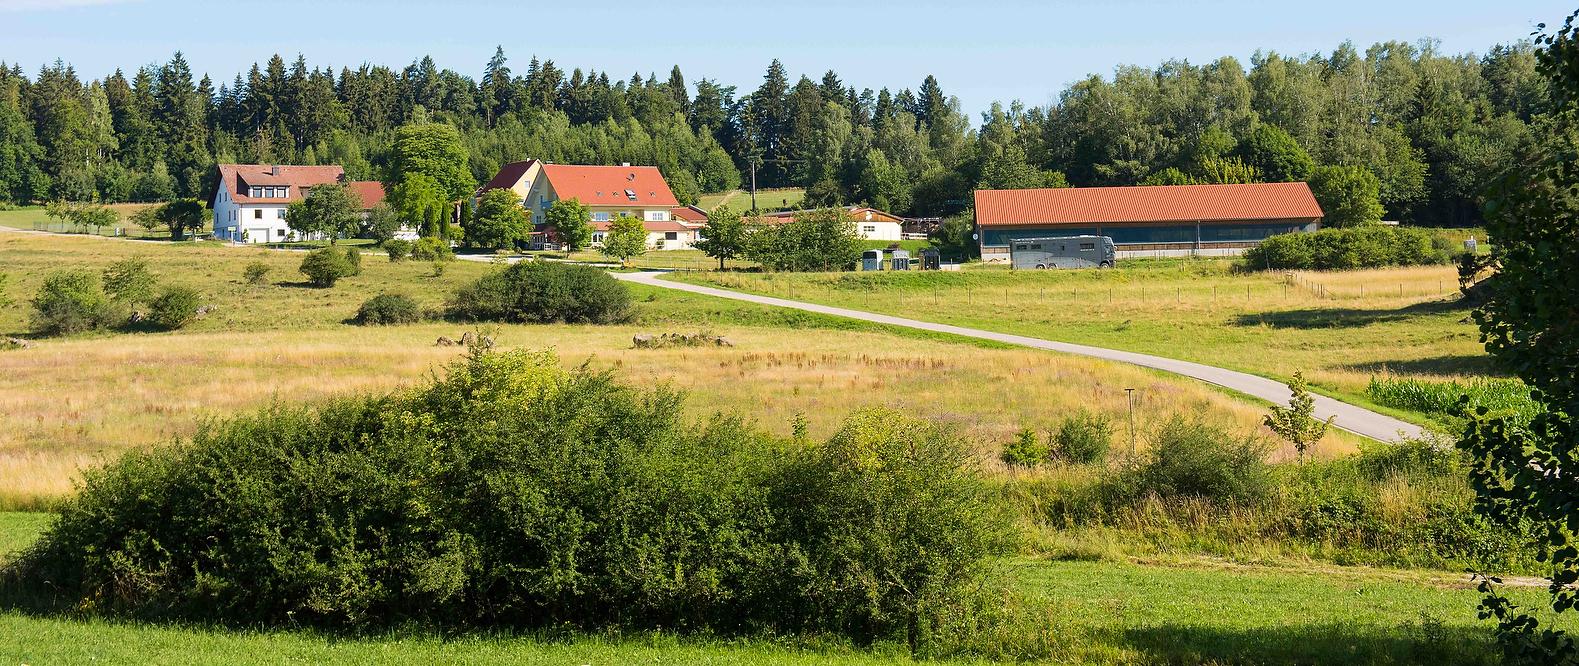 Woerleinshof - Alfeld